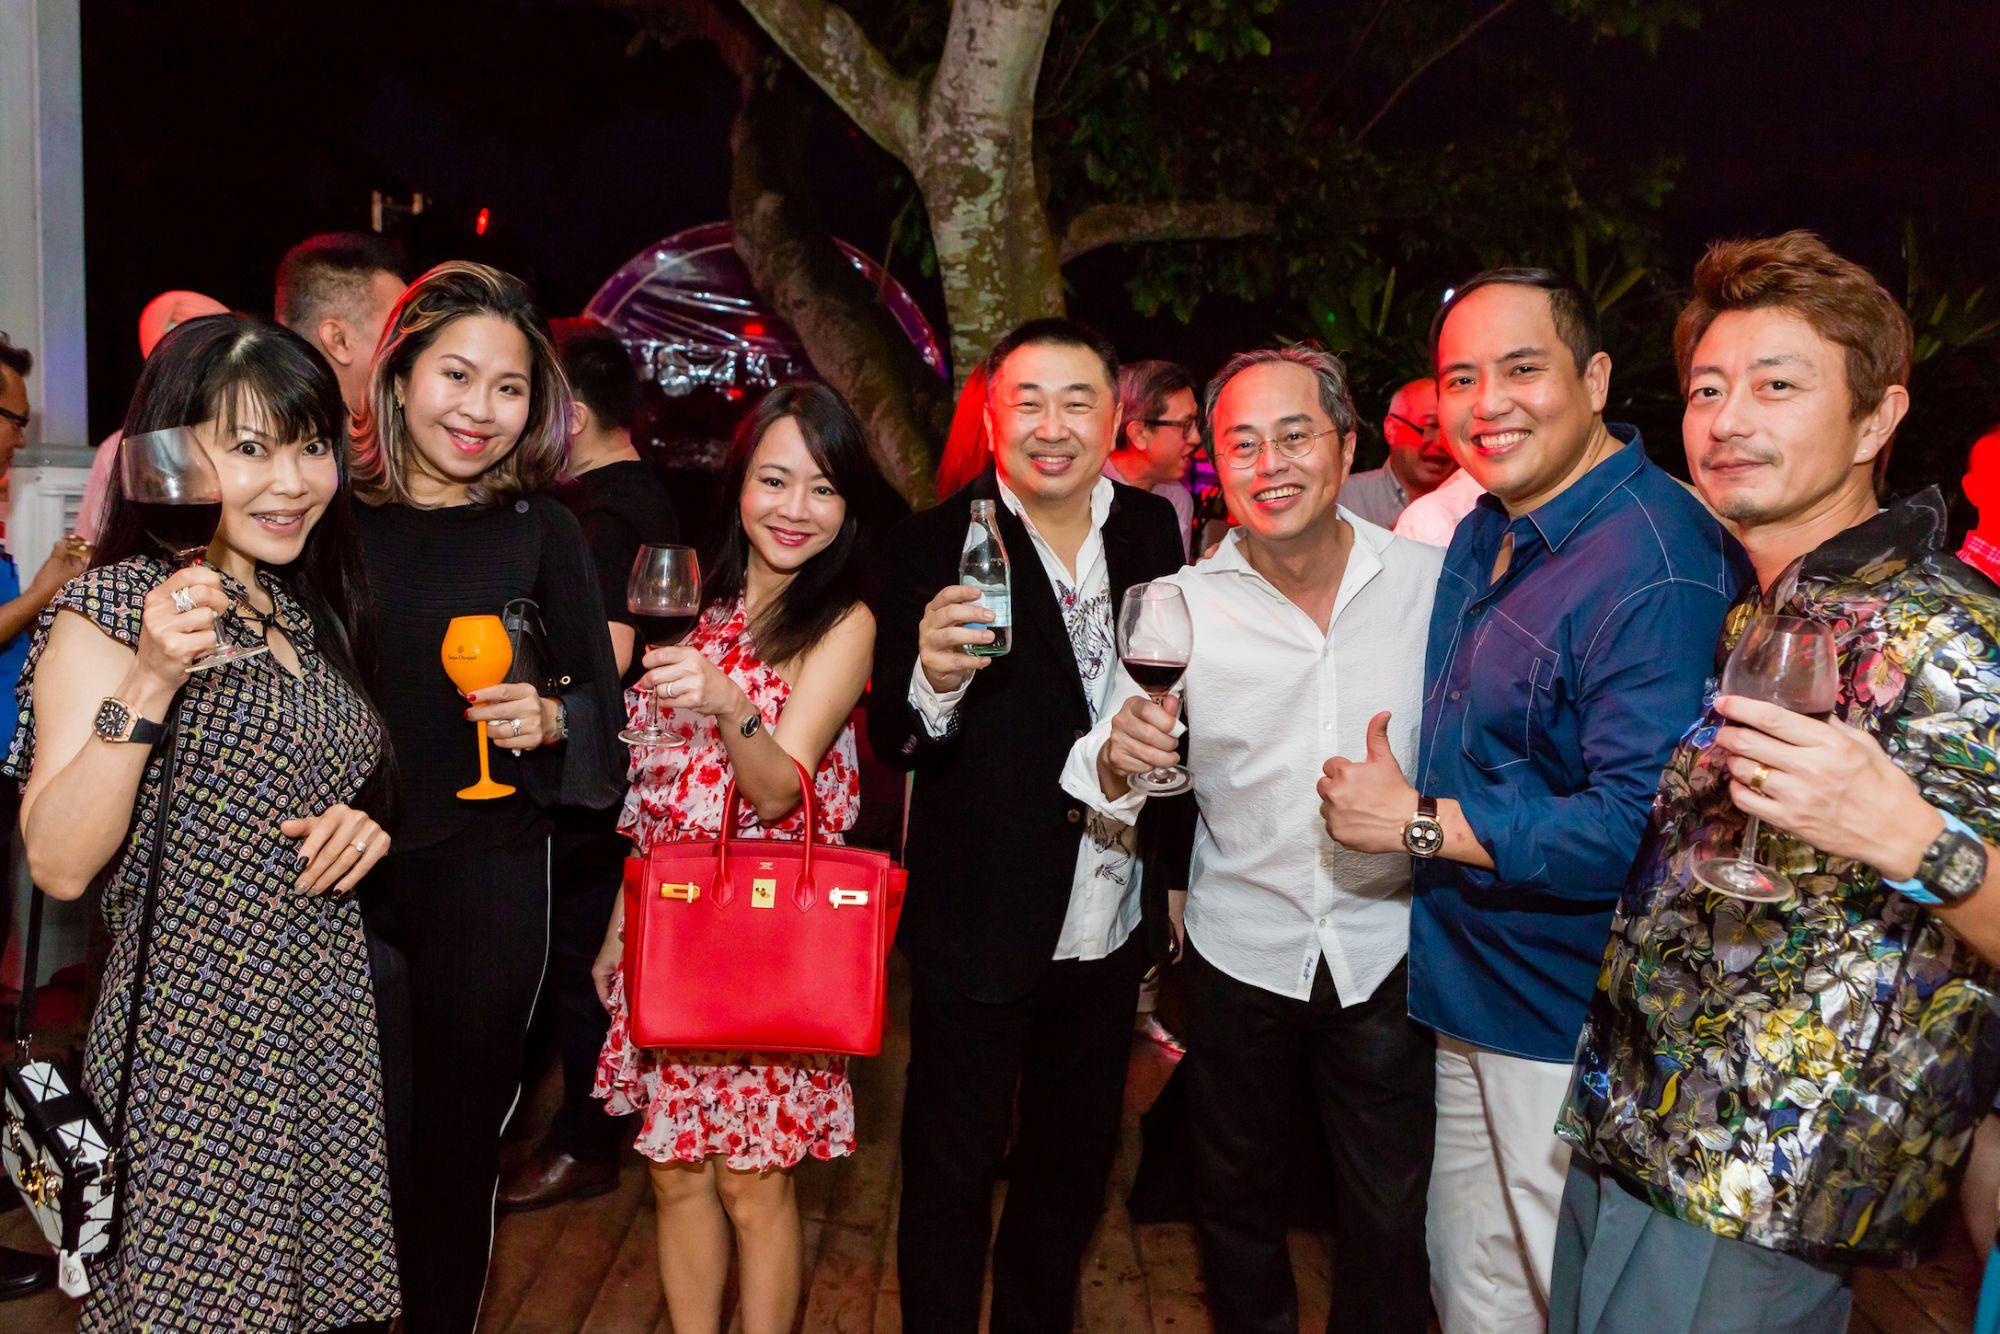 Kyoko Abe, Angela Koh-Ang, Aileen Chow, Timothy Tam, Cheng Eng Wah, Francis Koh, Kimihisa Abe